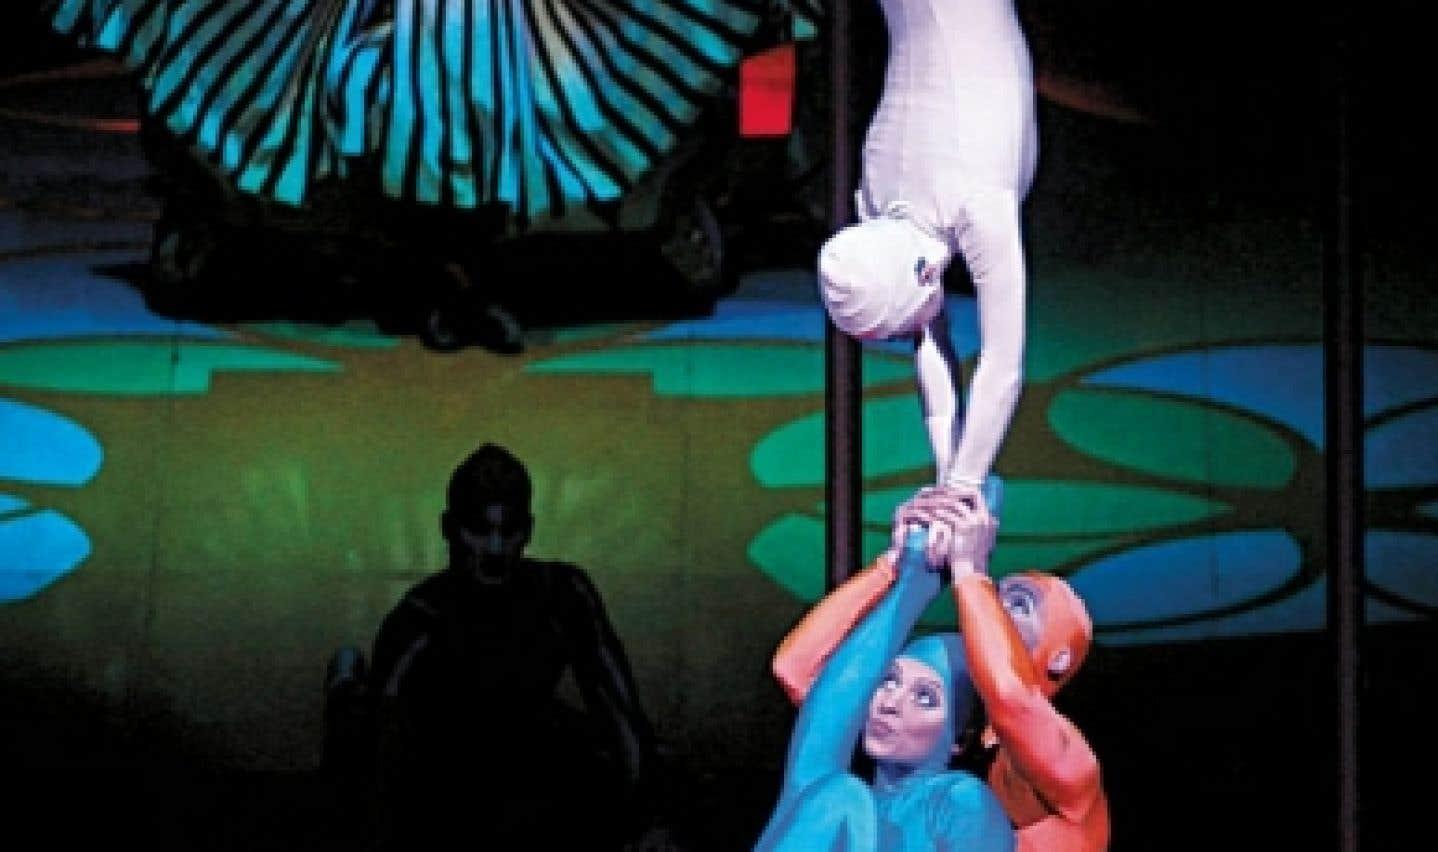 Le Cirque du Soleil présente Saltimbanco au Centre Bell du 19 au 30 décembre.